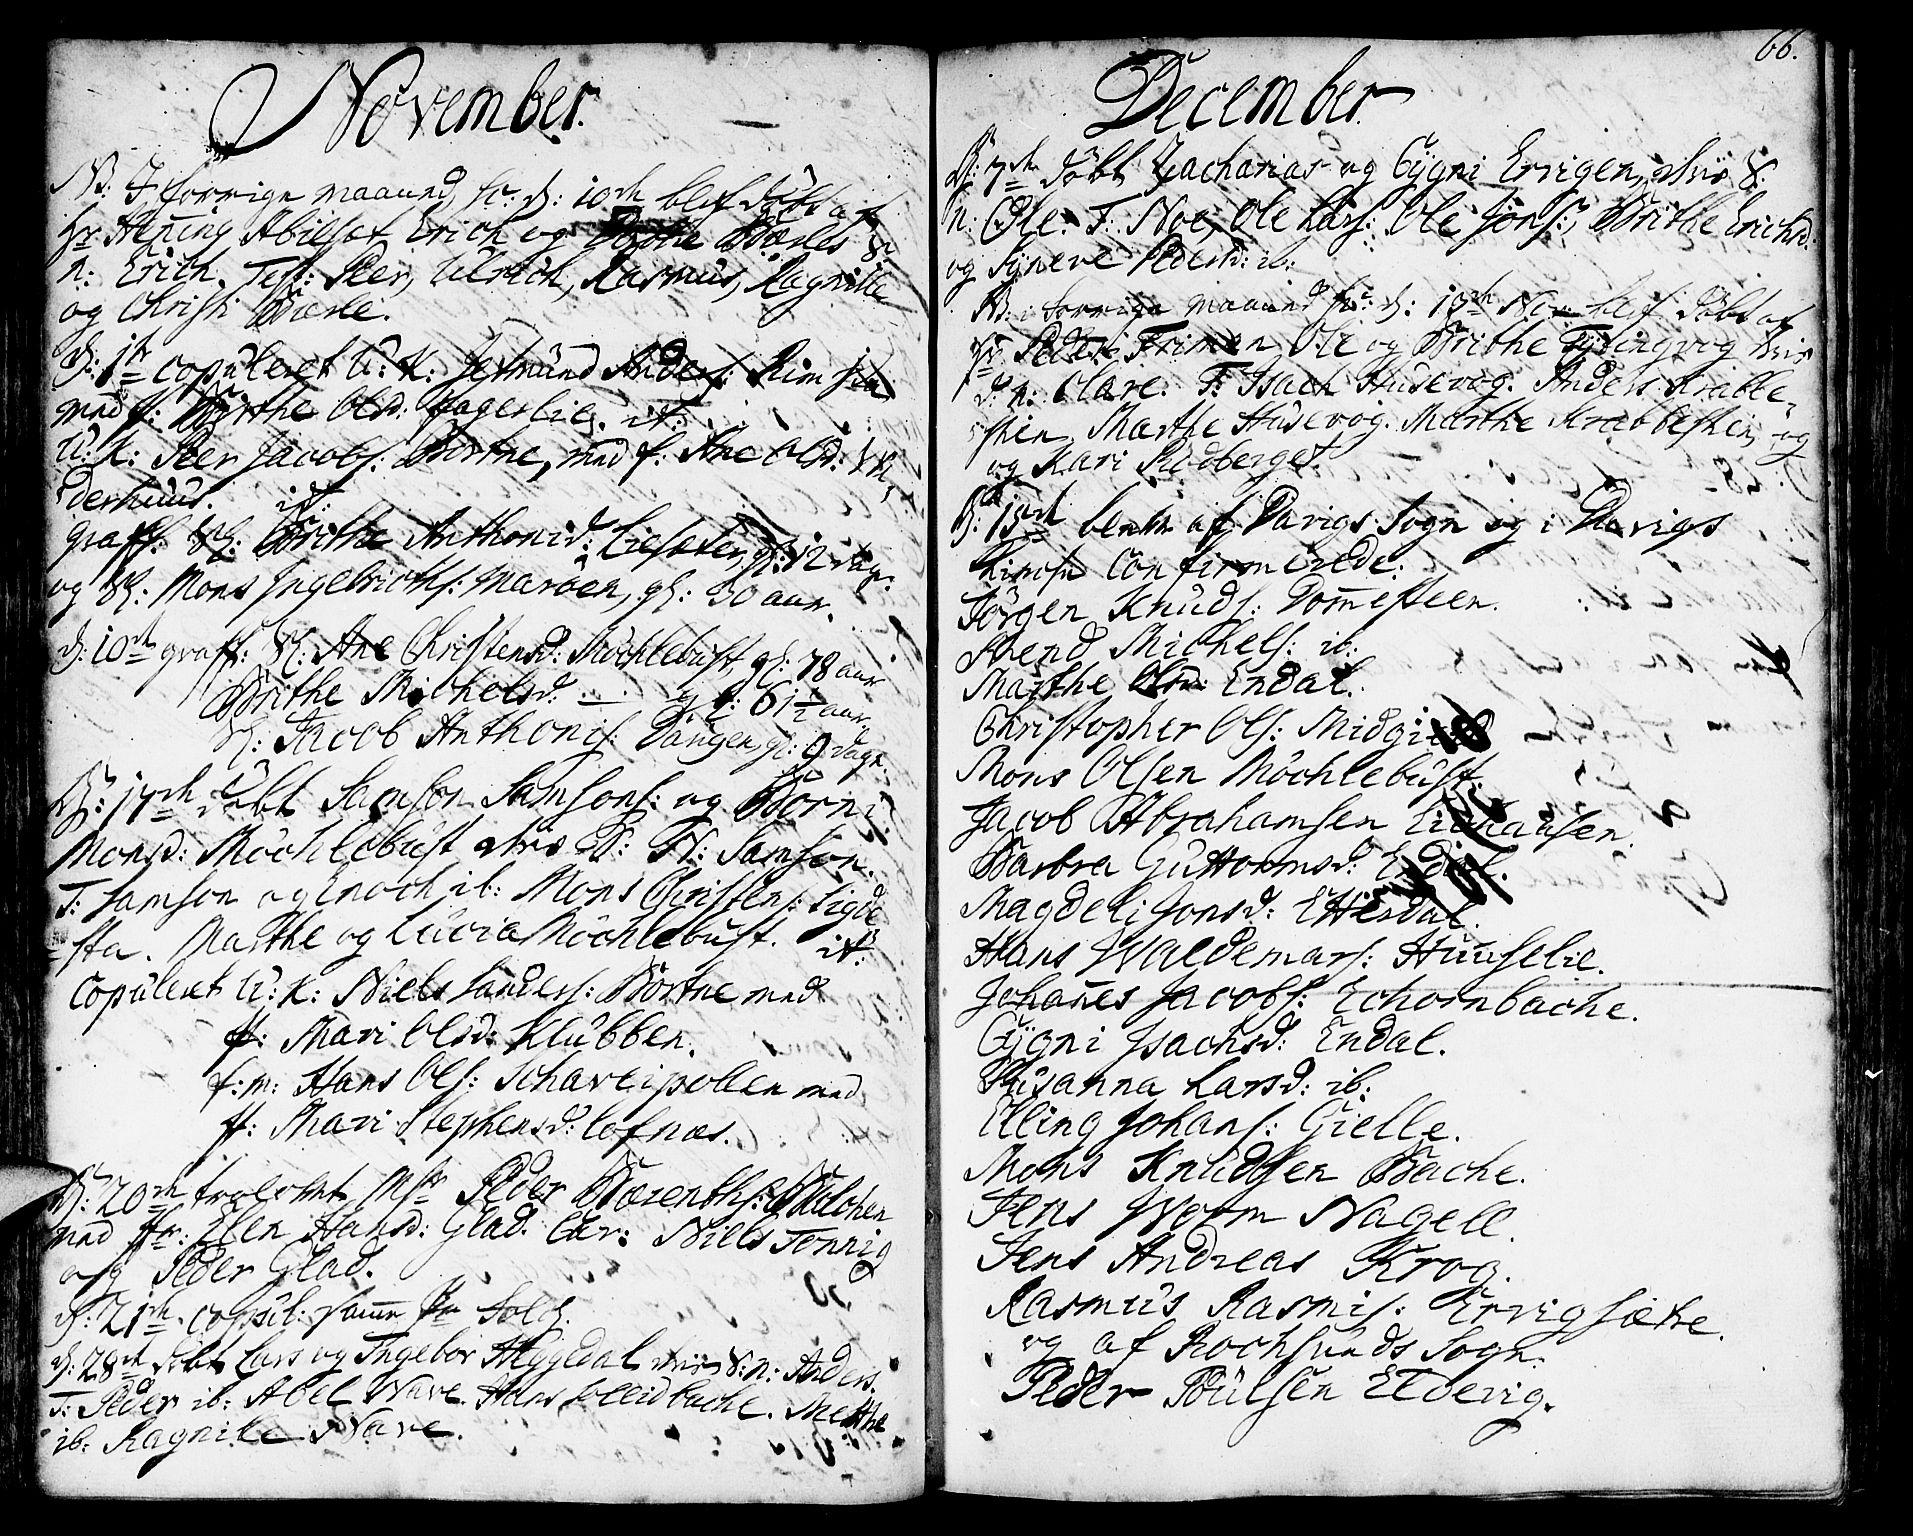 SAB, Davik sokneprestembete, Ministerialbok nr. A 2, 1742-1816, s. 66